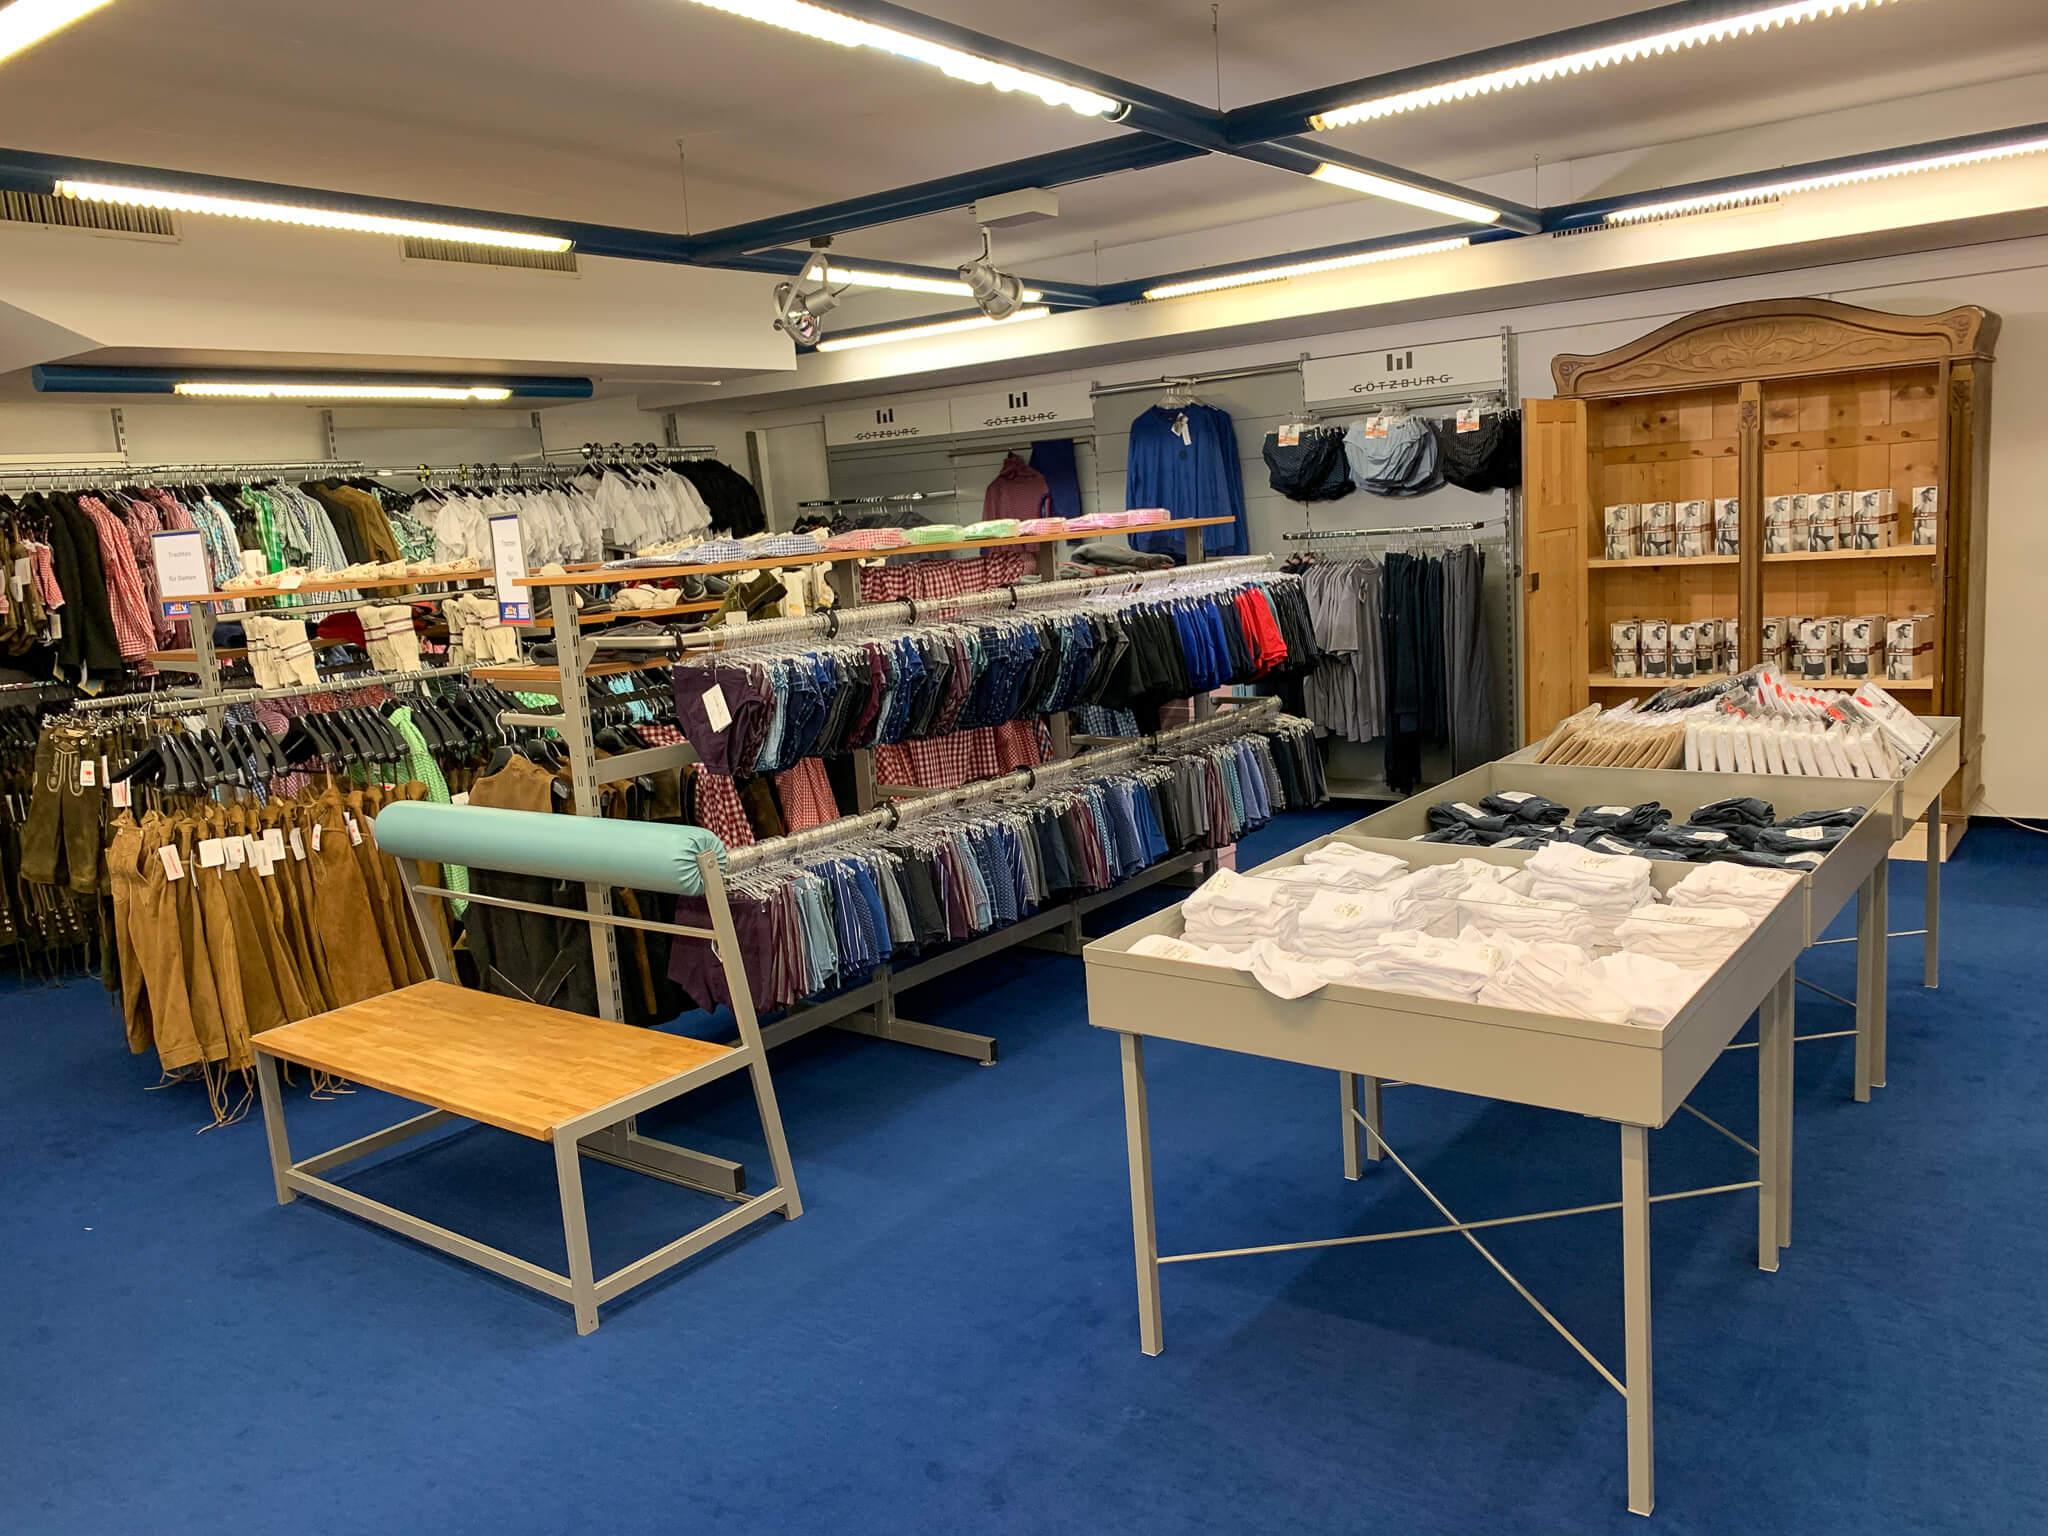 Herstellerverkauf Bad Hindelang Eingang Tracht Galerie